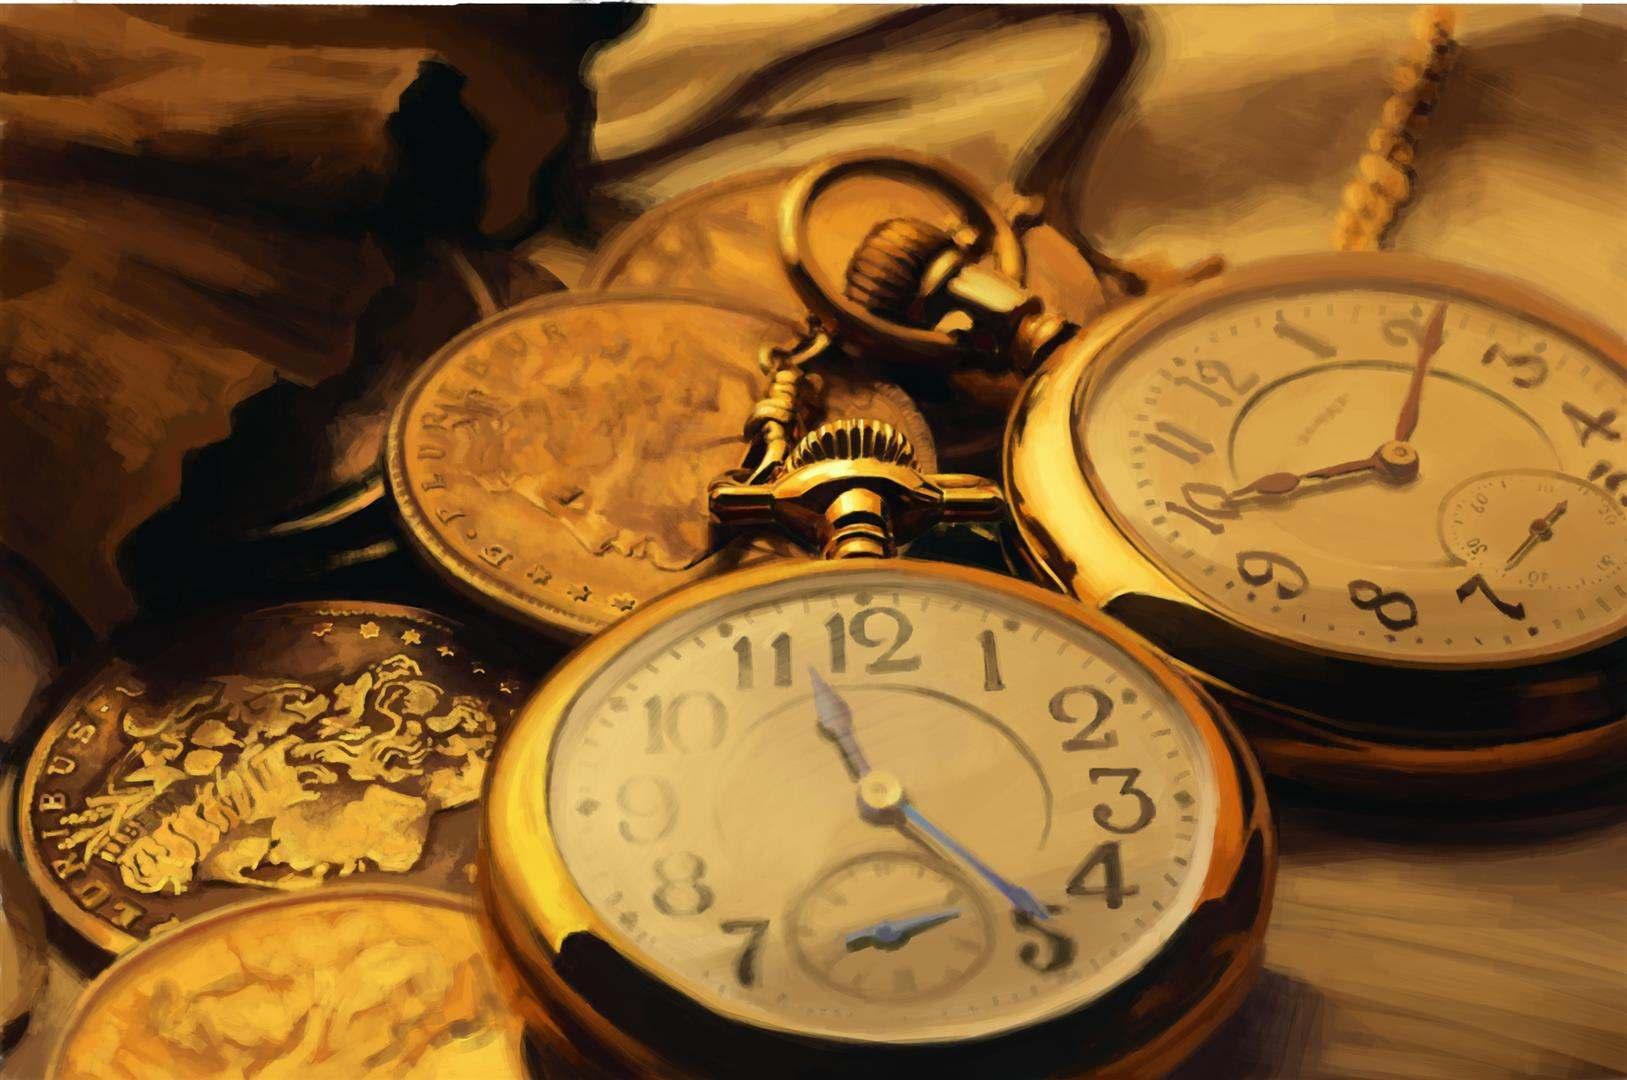 tarihteki İlginç olaylar serisi Tarihteki İlginç Olaylar Serisi – 1 zaman